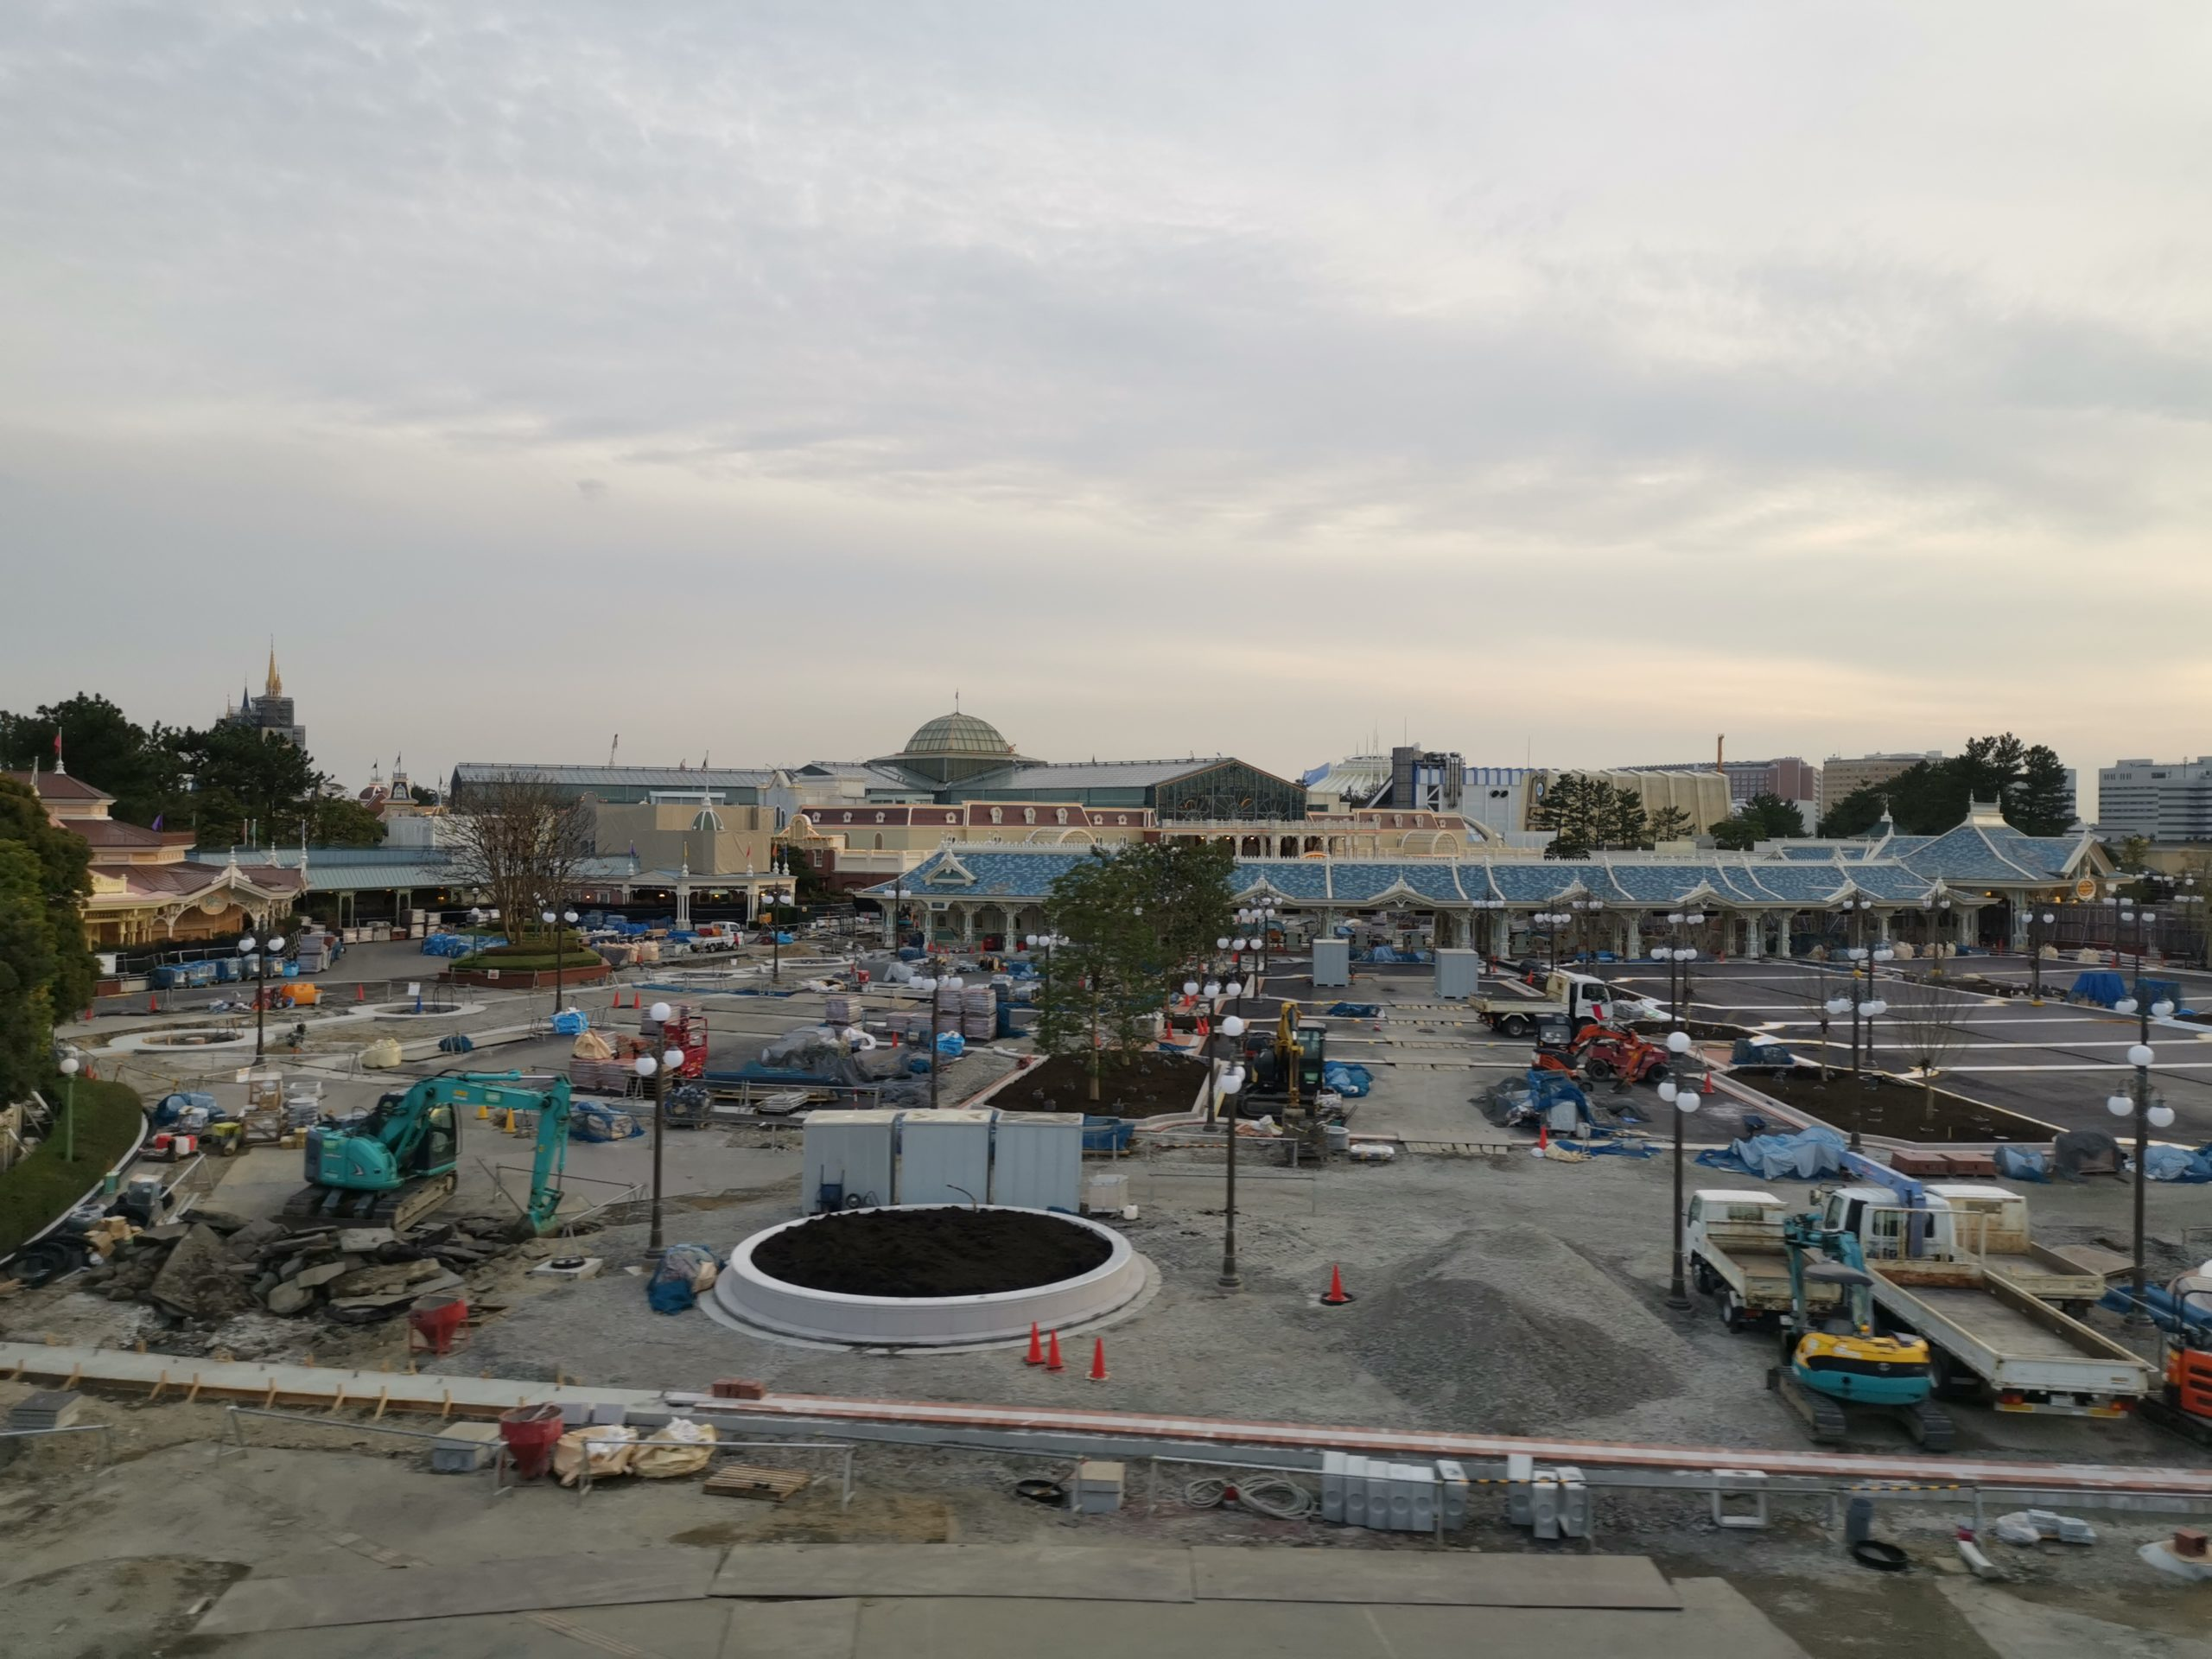 JR京葉線舞浜駅ホーム延伸 2022年春からディズニーランド利用客の混雑緩和へ